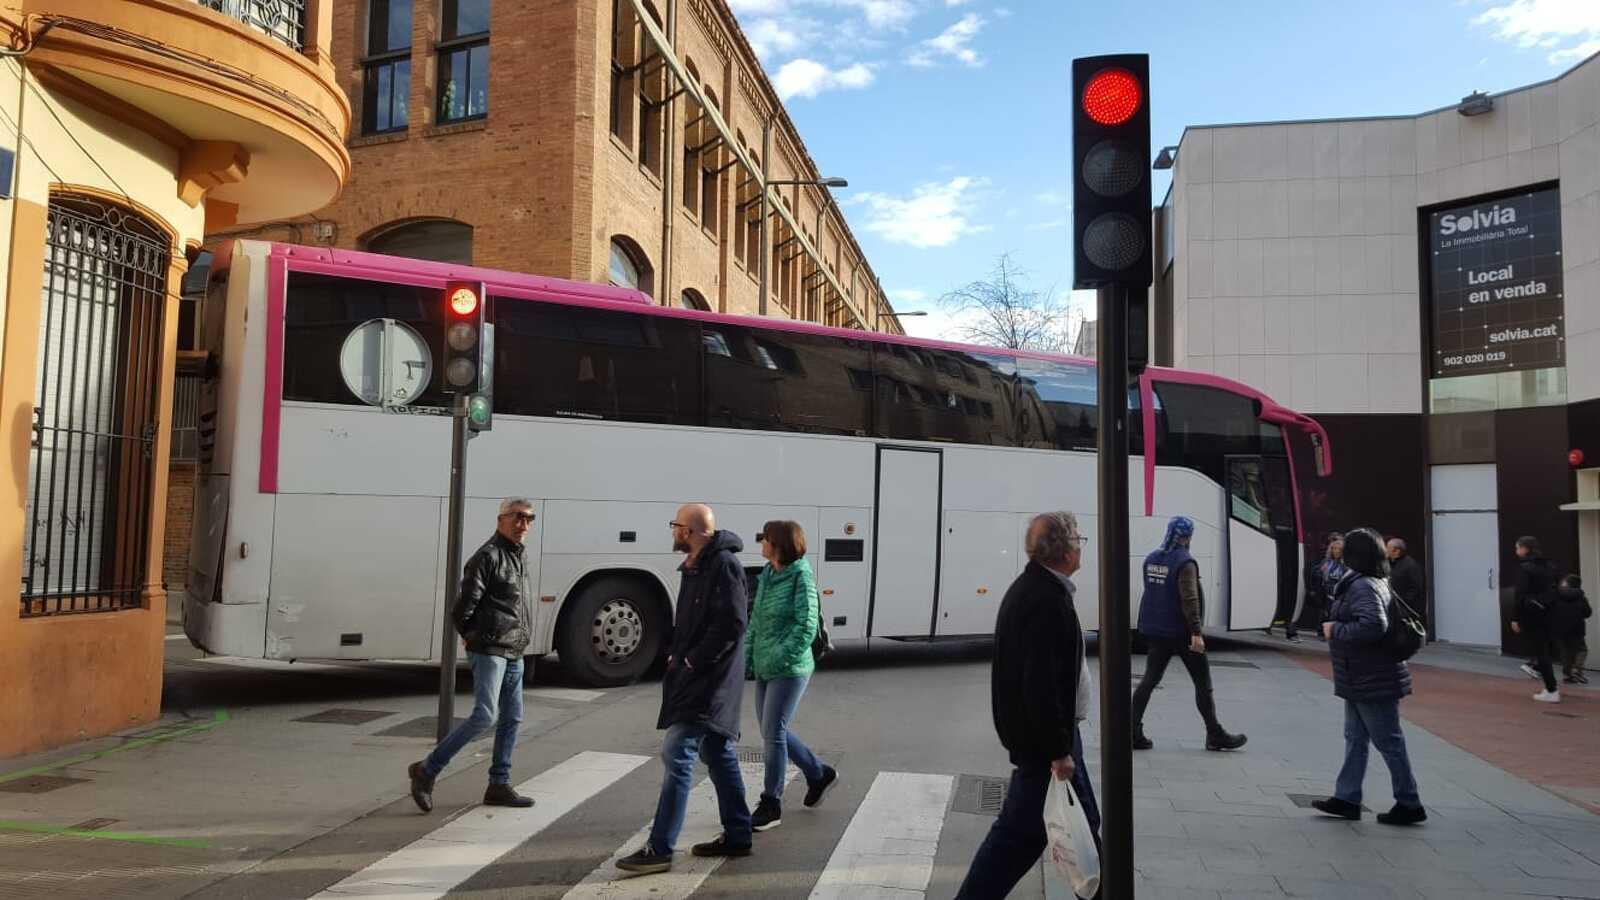 L'autobús ha quedat creuat